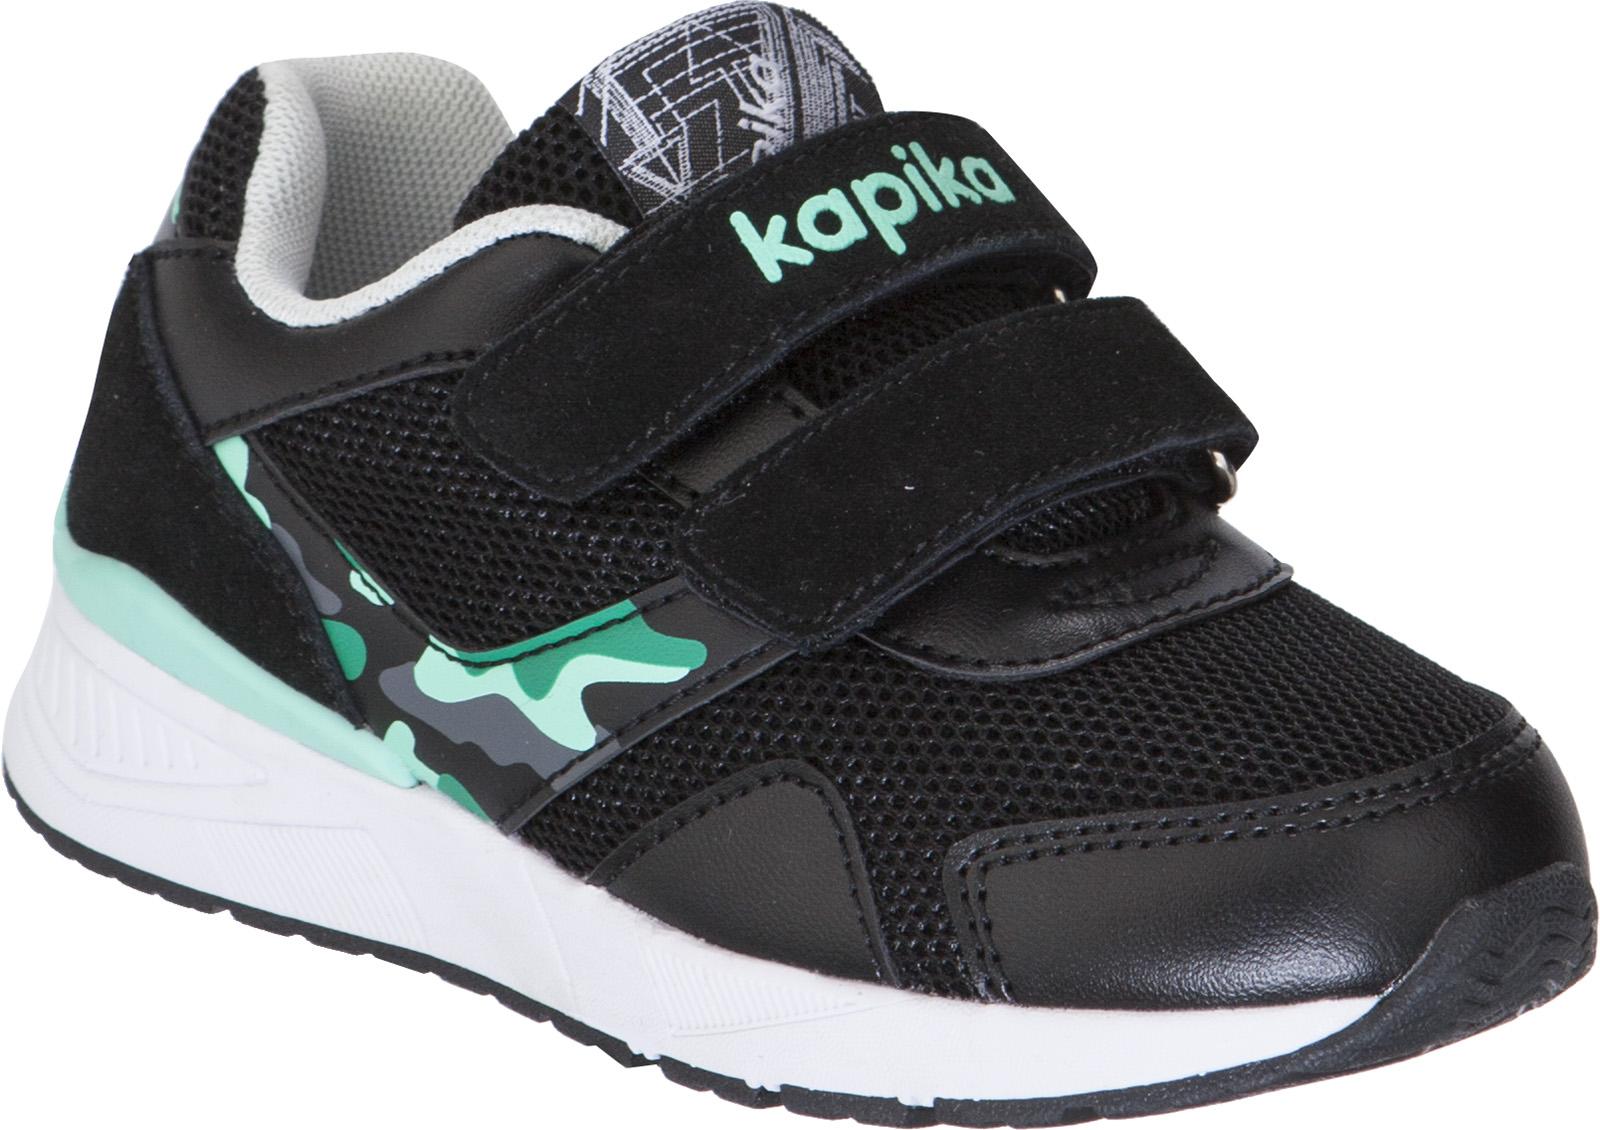 Кроссовки для мальчика Kapika, цвет: черный. 72260-2. Размер 3272260-2Детские кроссовки изготовлены из качественной искусственной кожи и текстиля. Ремешки с липучками надежно зафиксируют модель на ноге. Подошва из прочного полимера дополнена рифлением. Внутренняя поверхность и стелька из кожи комфортны при движении. Кроссовки займут достойное место в гардеробе и подарят комфорт.